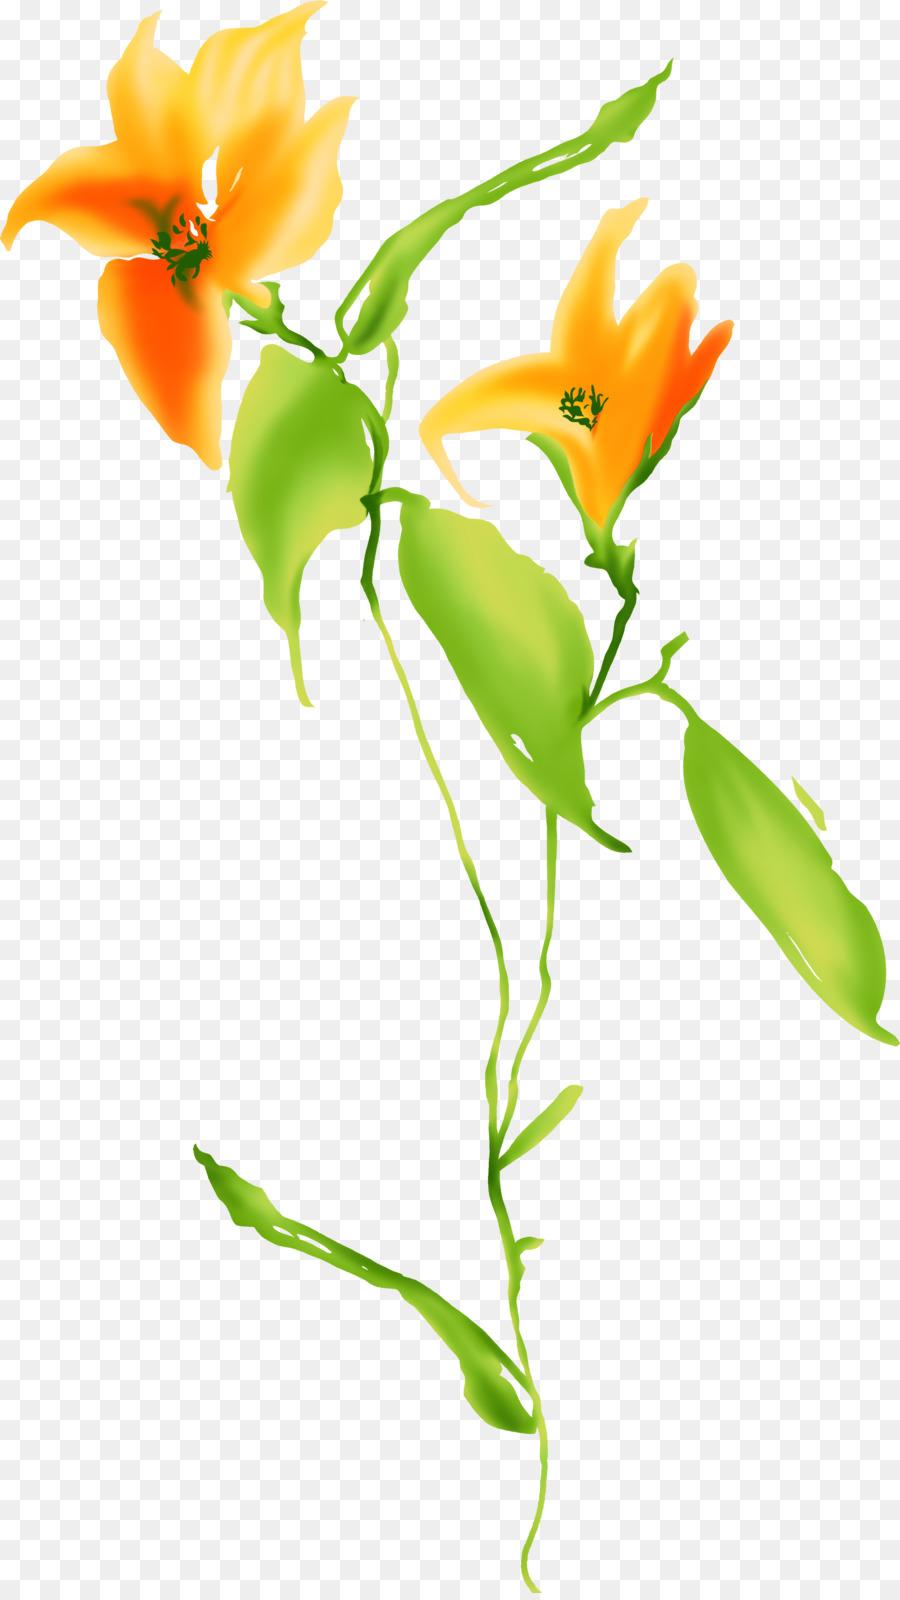 Flower Color Orange - orange flowers png download - 2289*4051 - Free ...